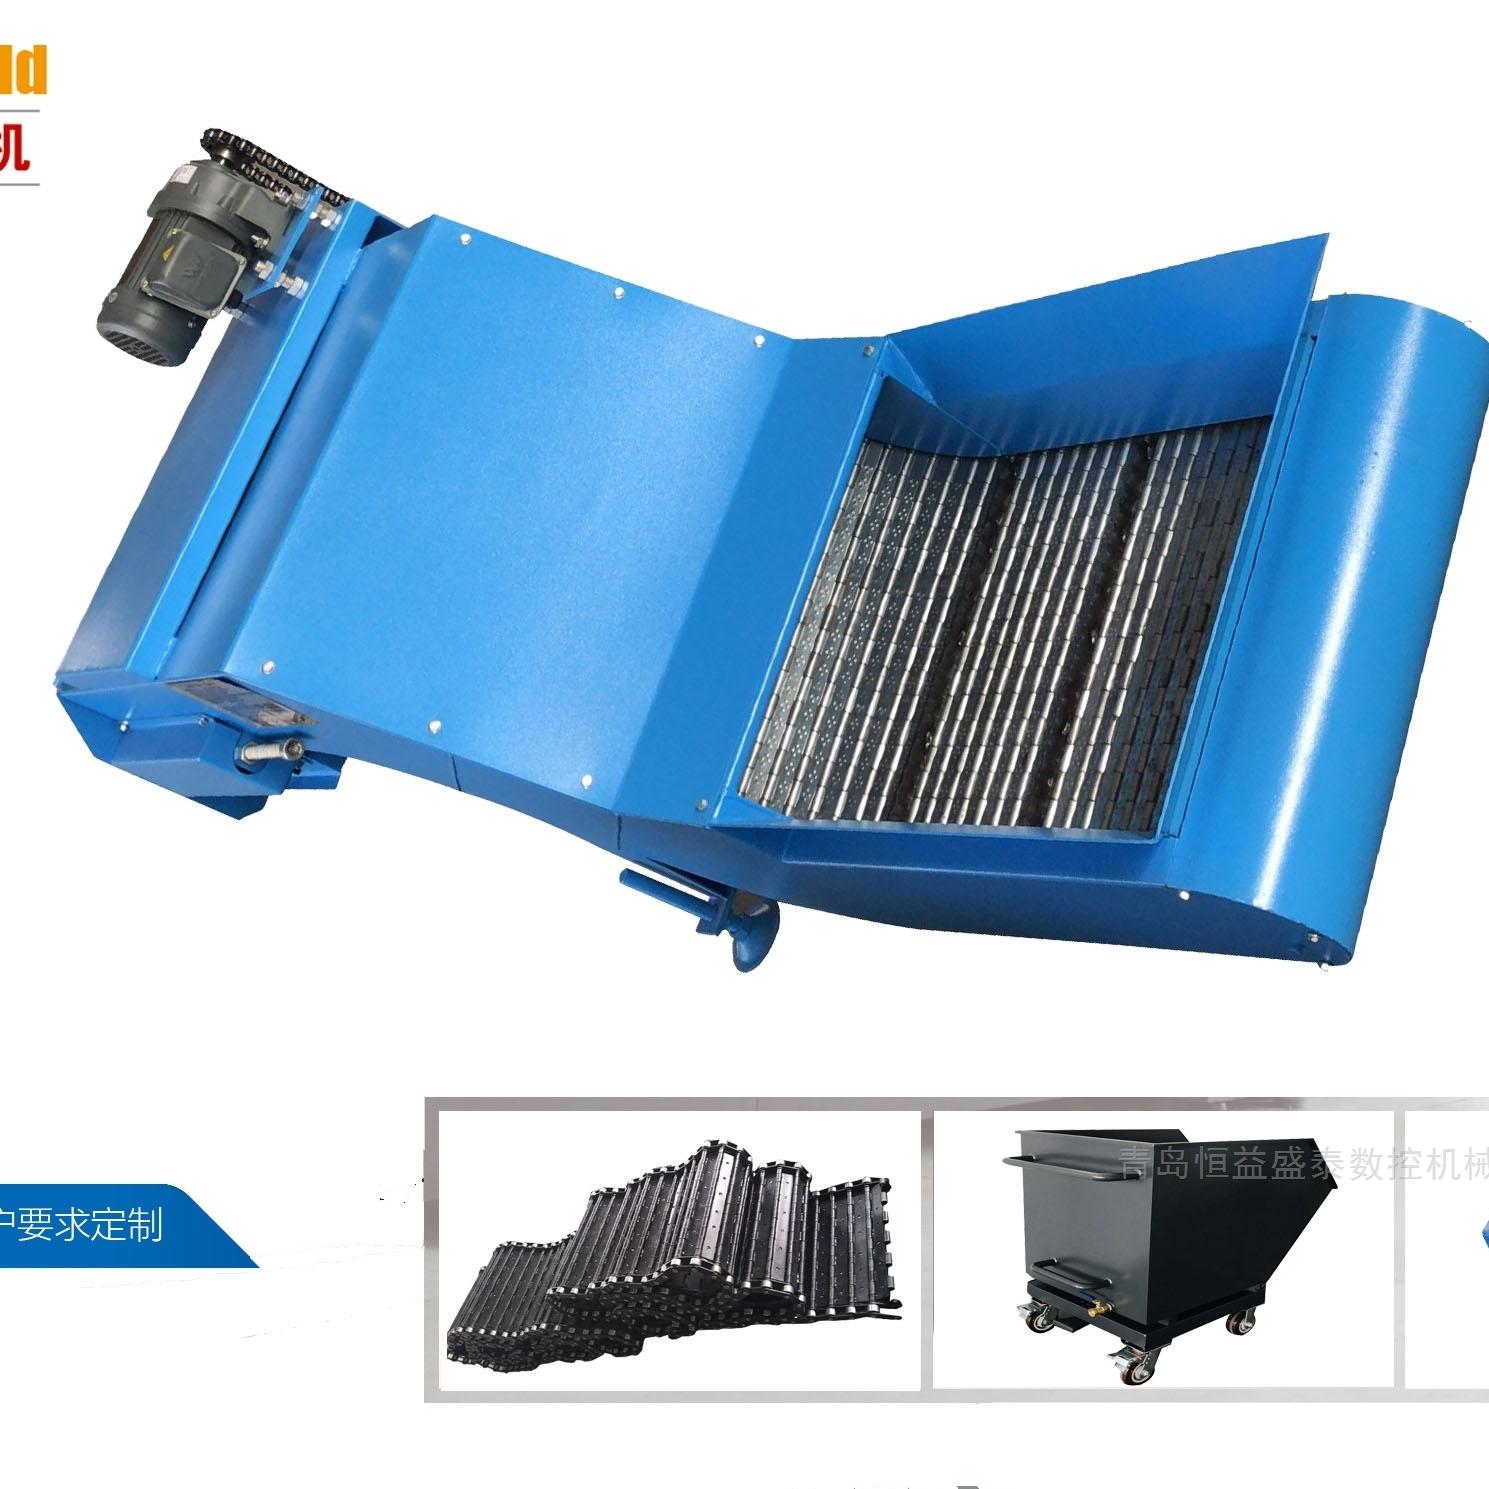 耐高温软连接生产厂家青岛恒益盛泰